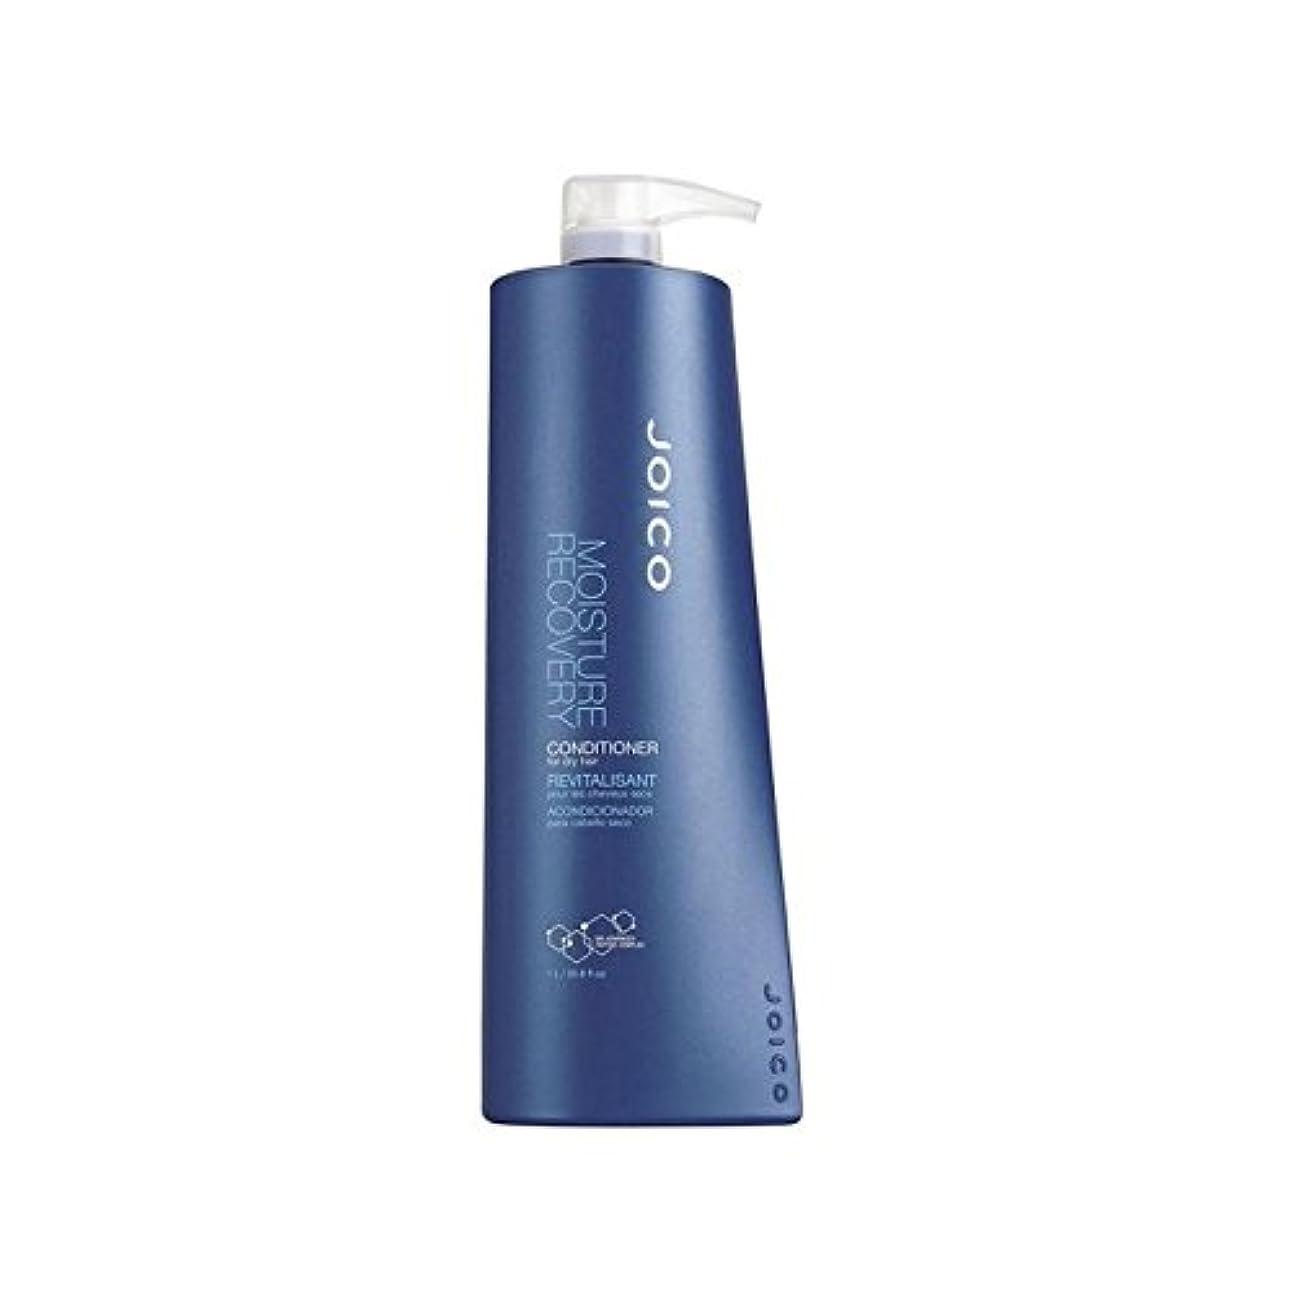 限られた科学的ねじれ乾いた髪用ジョイコ水分回復コンディショナー(千ミリリットル) x2 - Joico Moisture Recovery Conditioner For Dry Hair (1000ml) (Pack of 2) [並行輸入品]